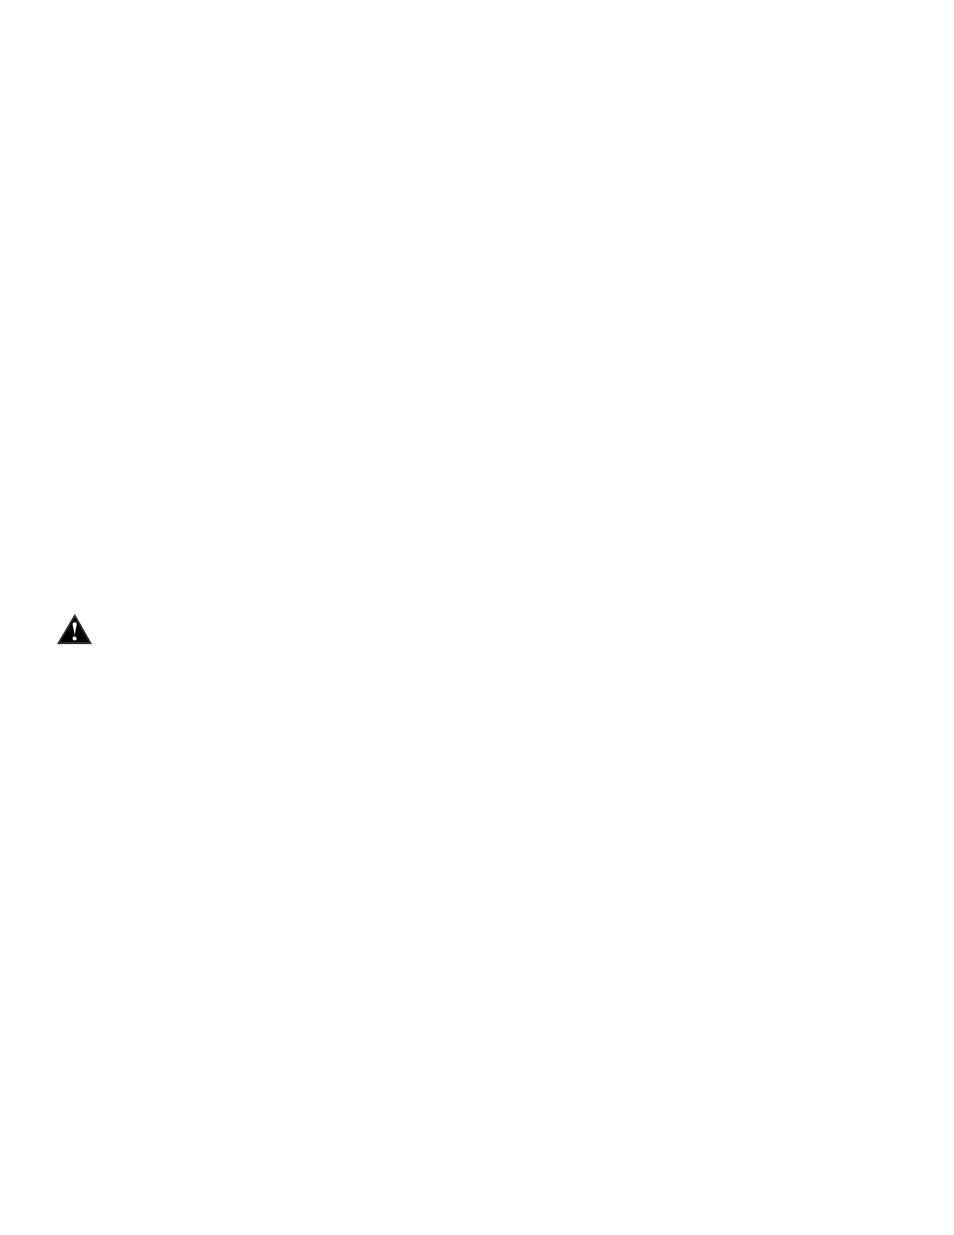 Schön Zweipolig Einpolig Bilder - Der Schaltplan - raydavisrealtor.info